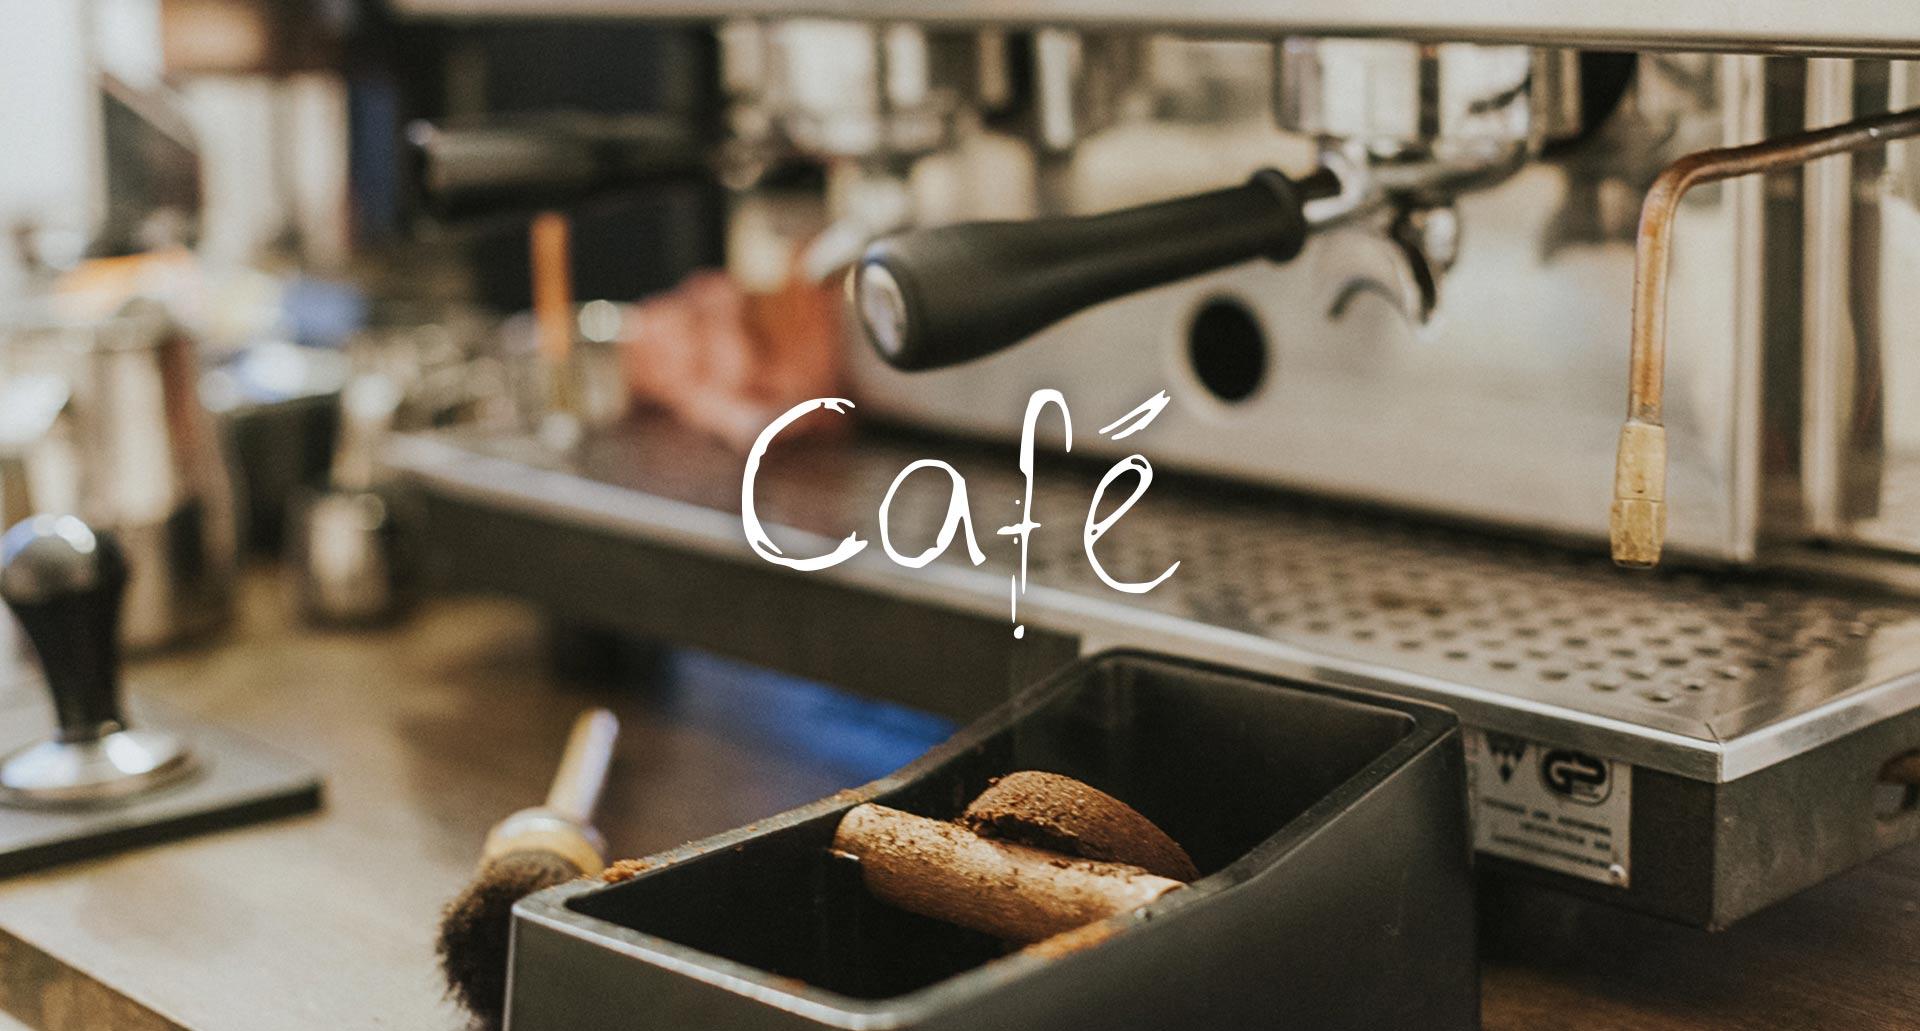 cafesplash3